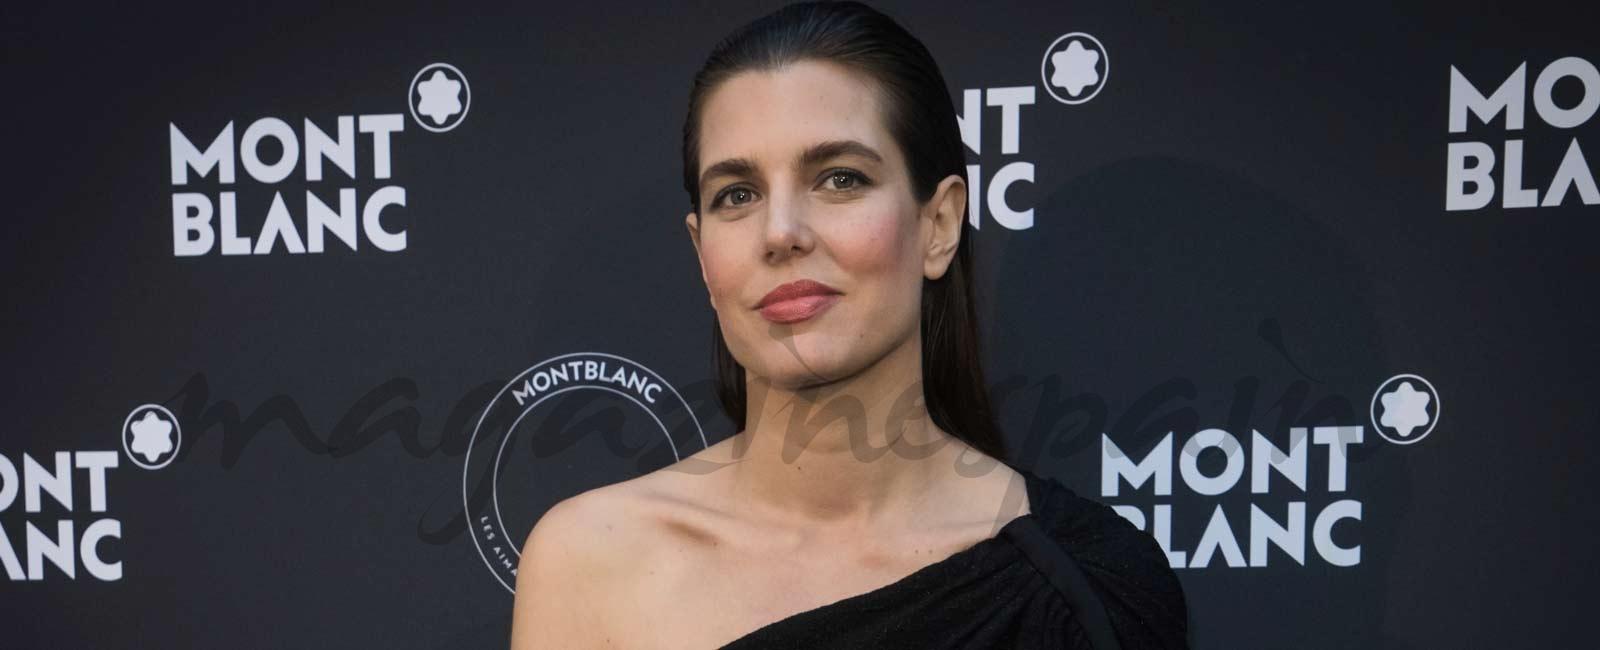 La elegancia de Carlota Casiraghi en Cannes